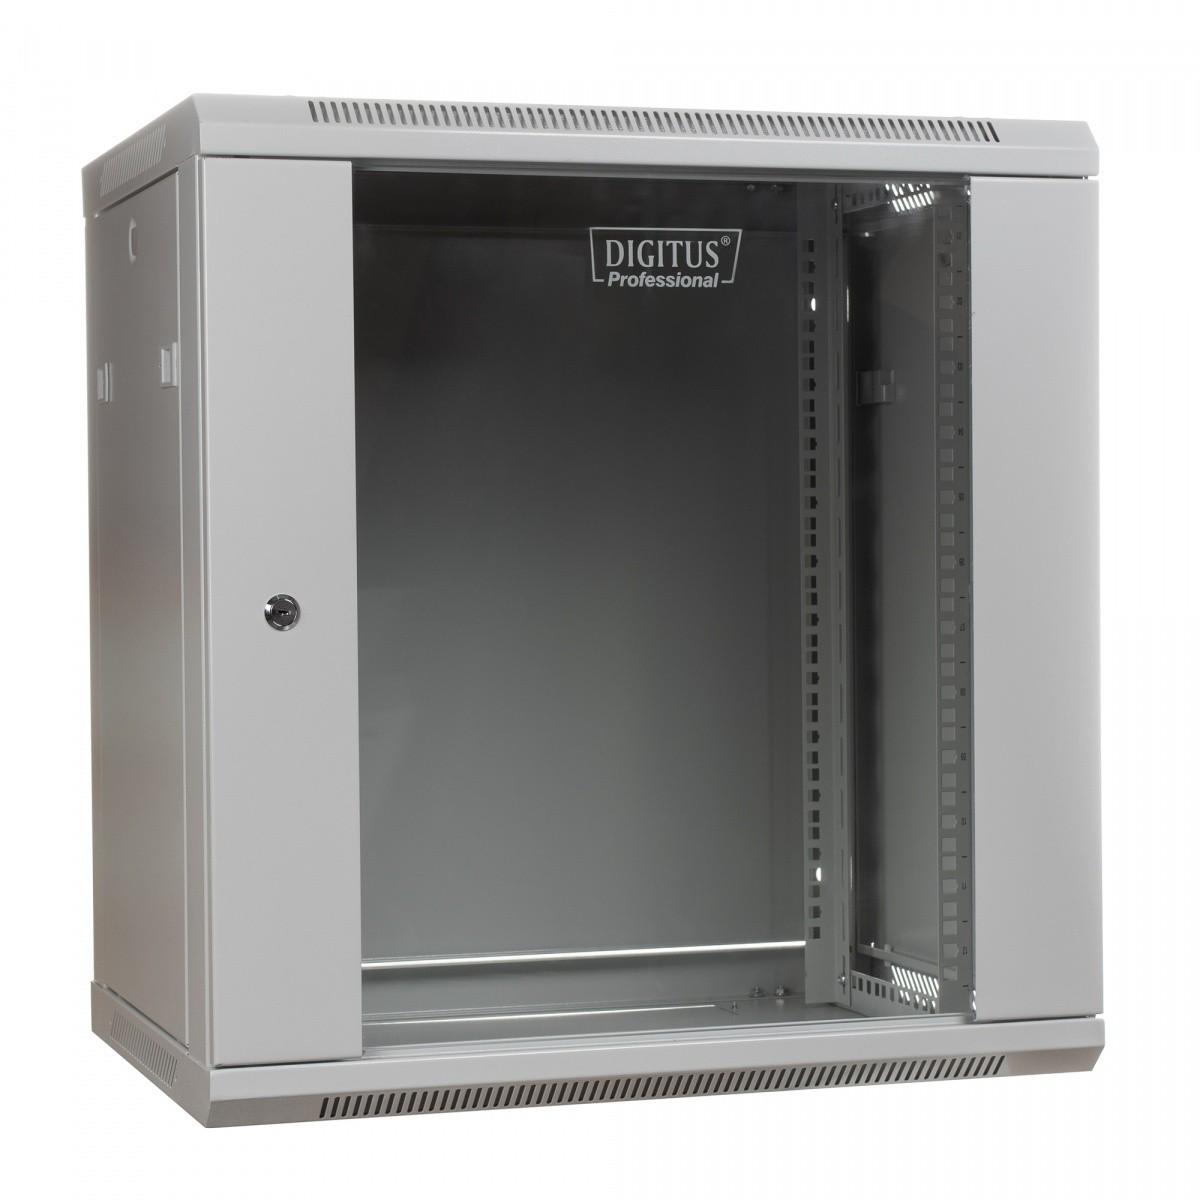 Szafa wisząca jednosekcyjna 19 12U 635/600/600mm, drzwi szklane, szara (RAL 7035)